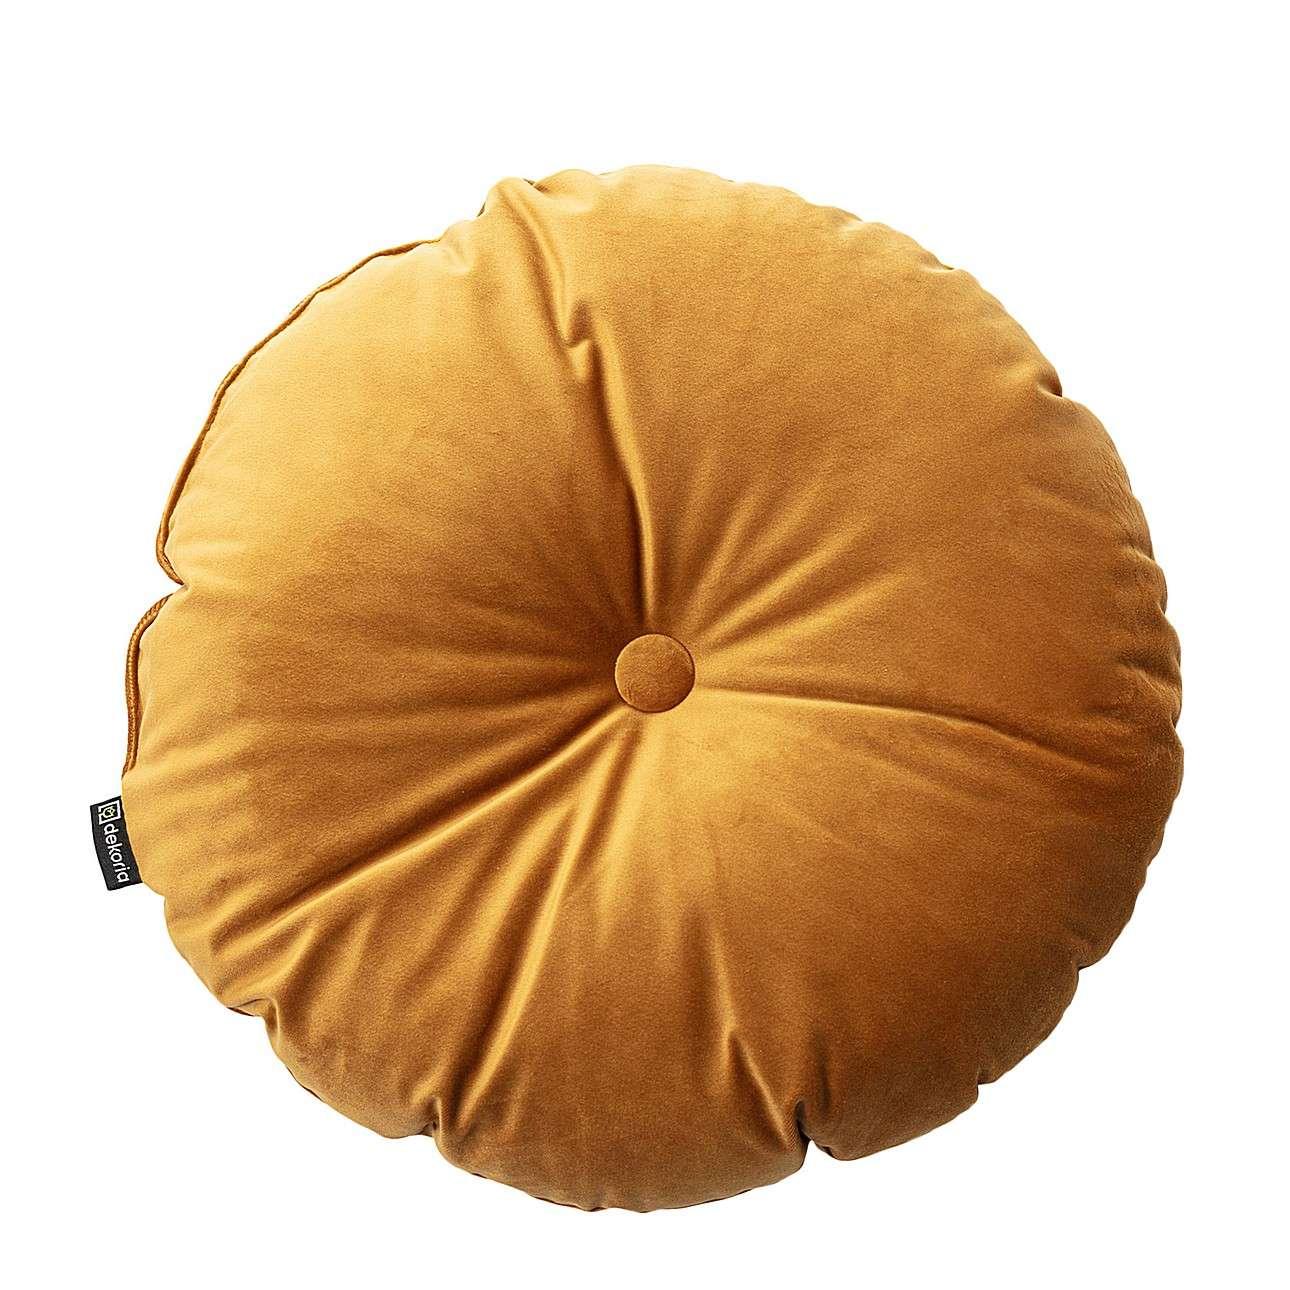 Sametový polštář Velvet kulatý s knoflíkem v kolekci Velvet, látka: 704-23